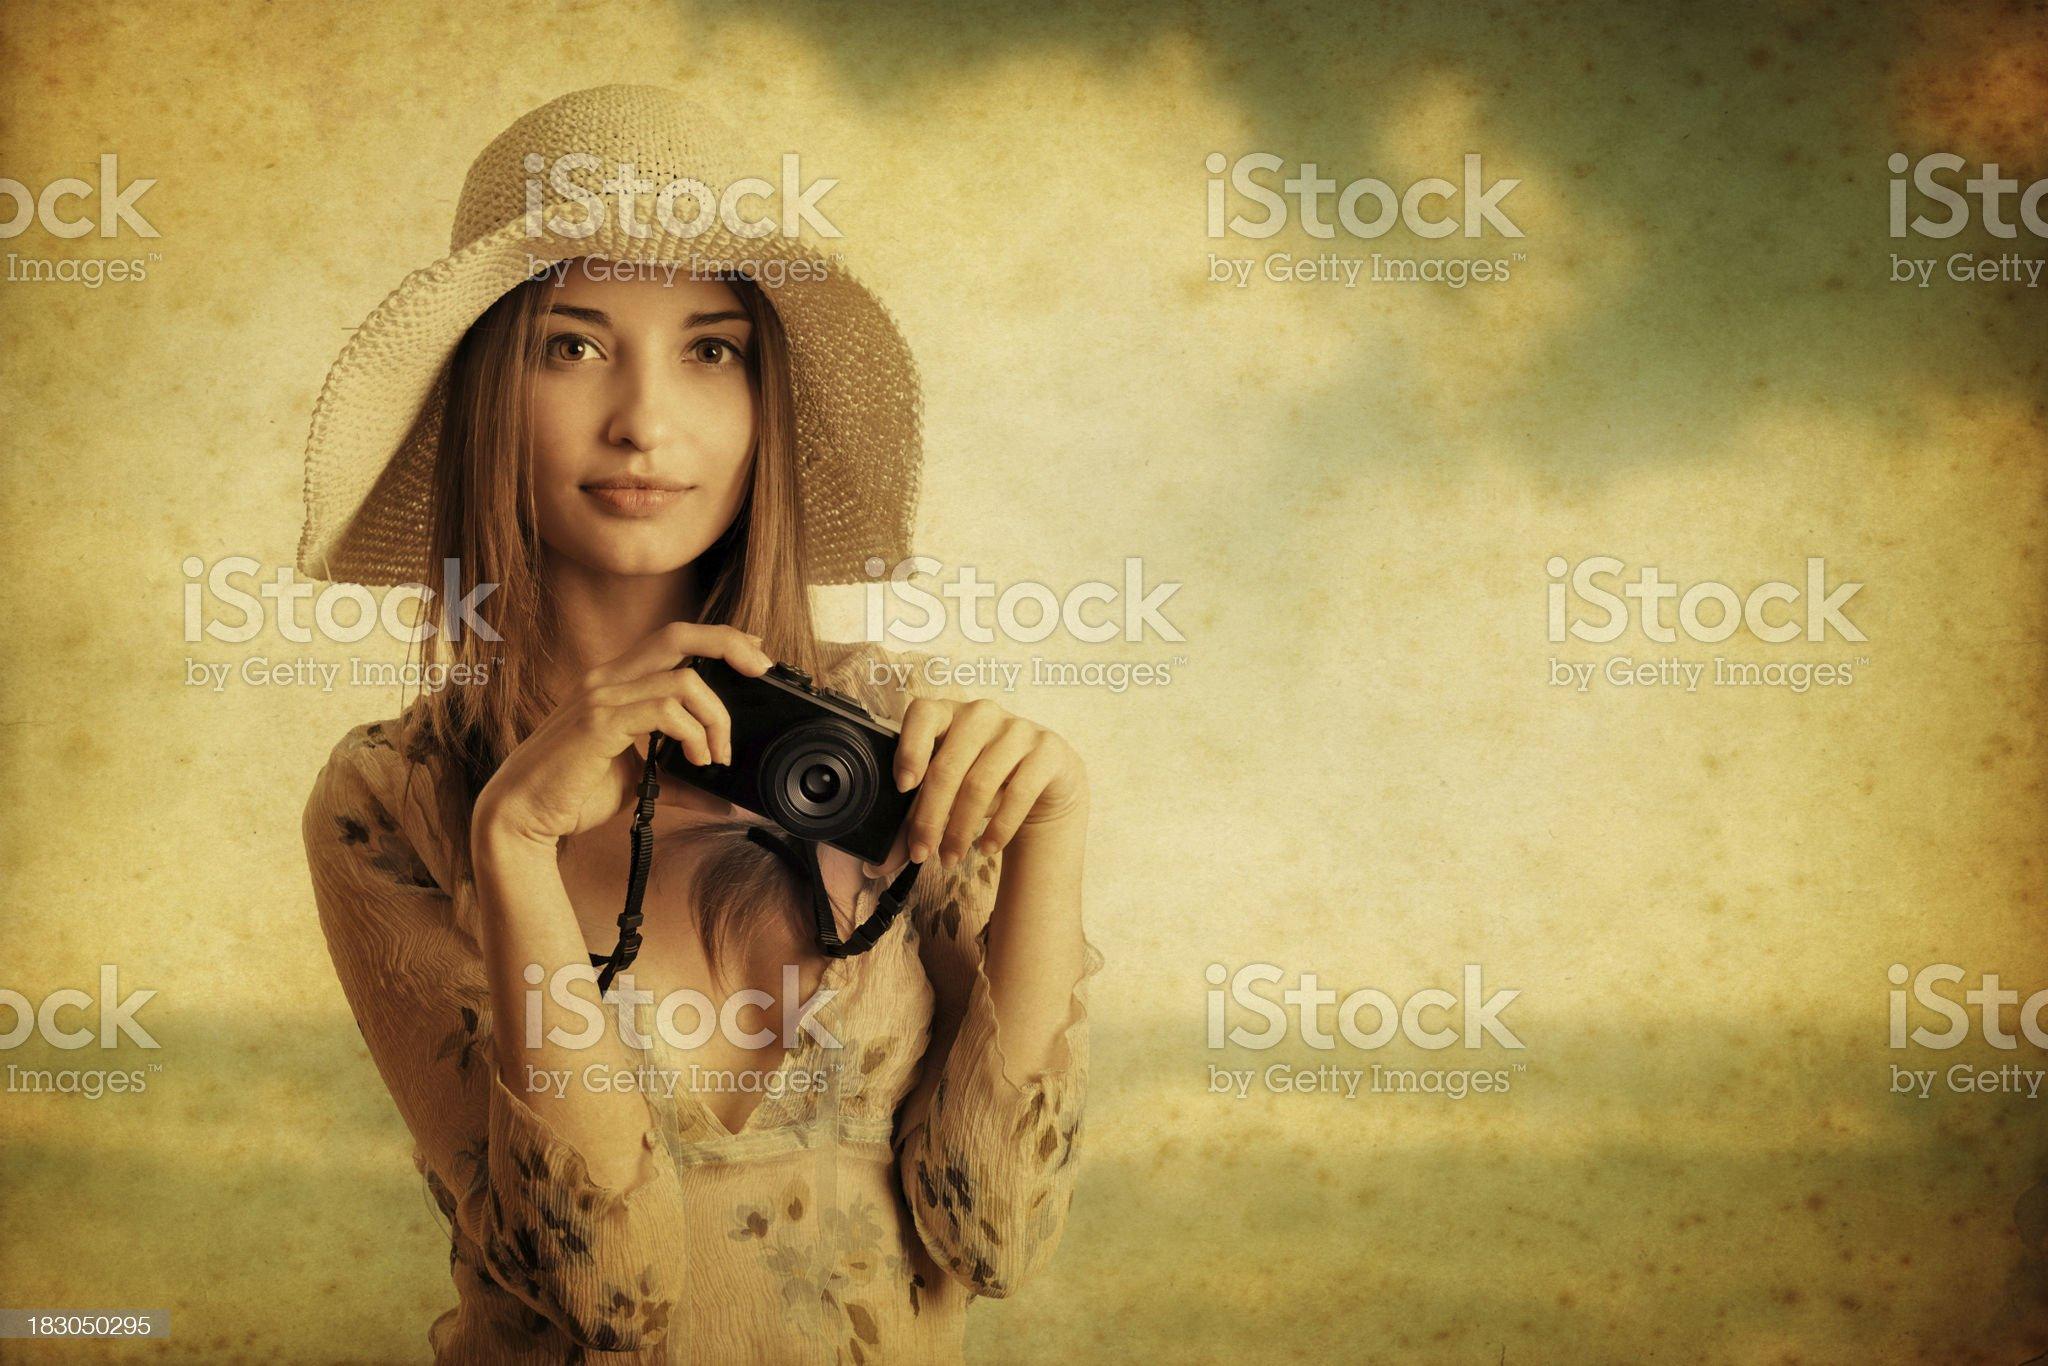 retro tourist girl portrait royalty-free stock photo